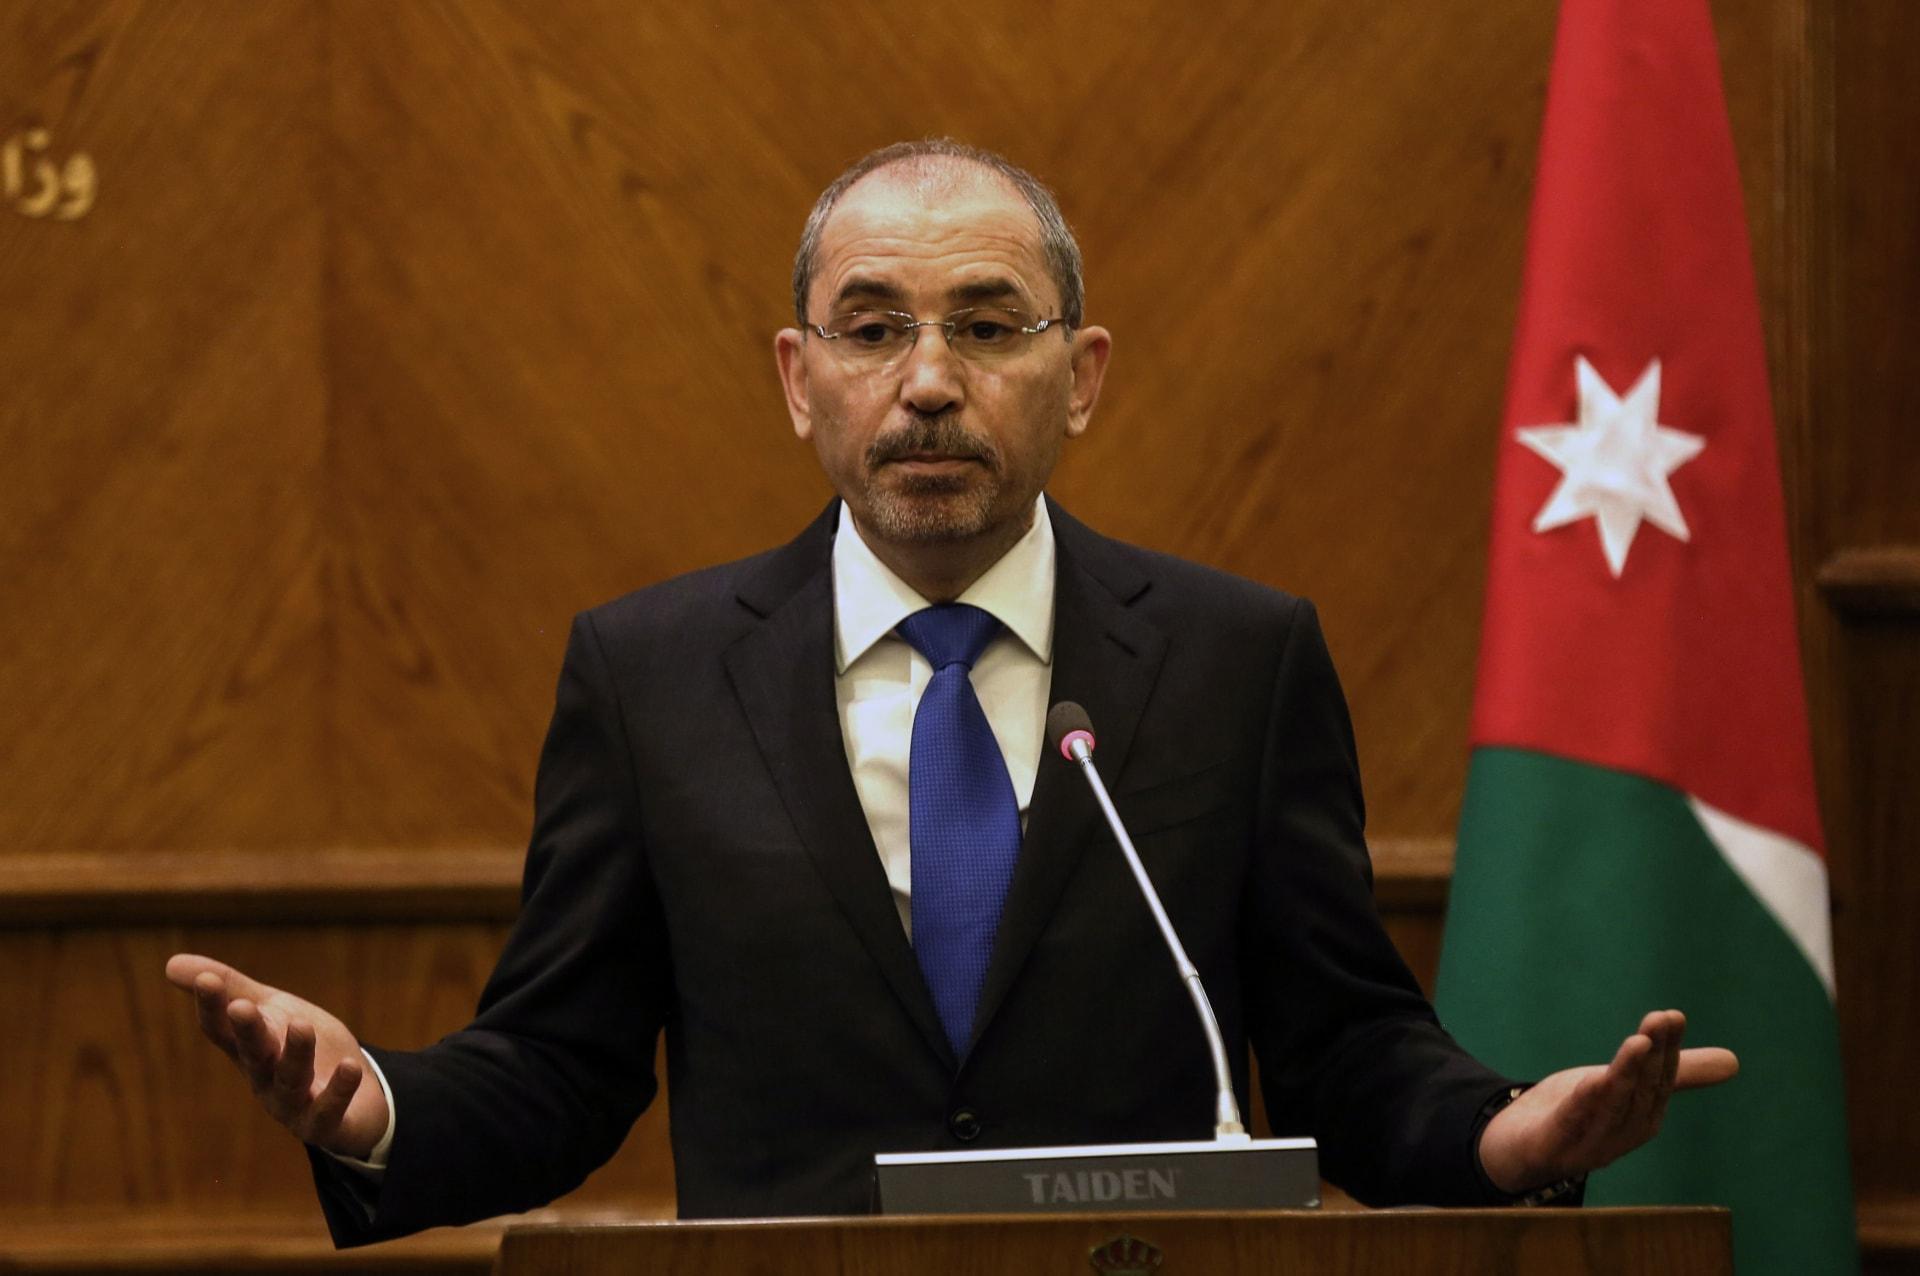 الأردن تعلن استعادة اثنين من مواطنيها كانا محتجزين في إسرائيل